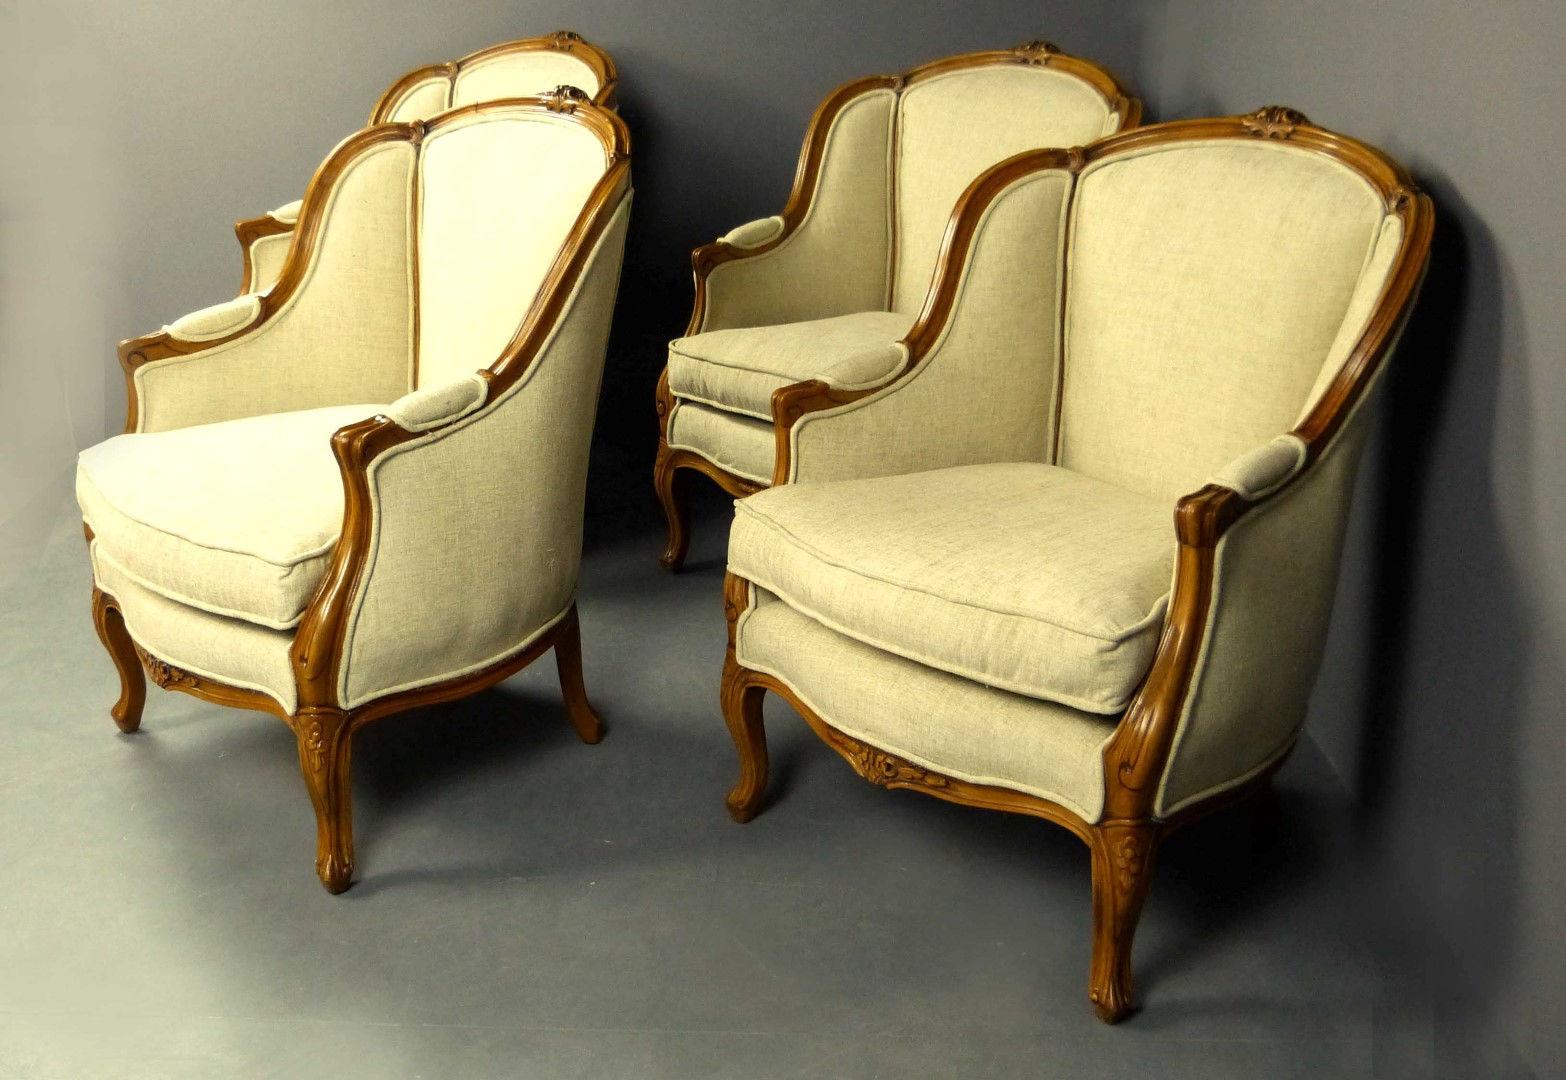 Image gallery sofas antiguos 1900 - Sofas clasicos ...